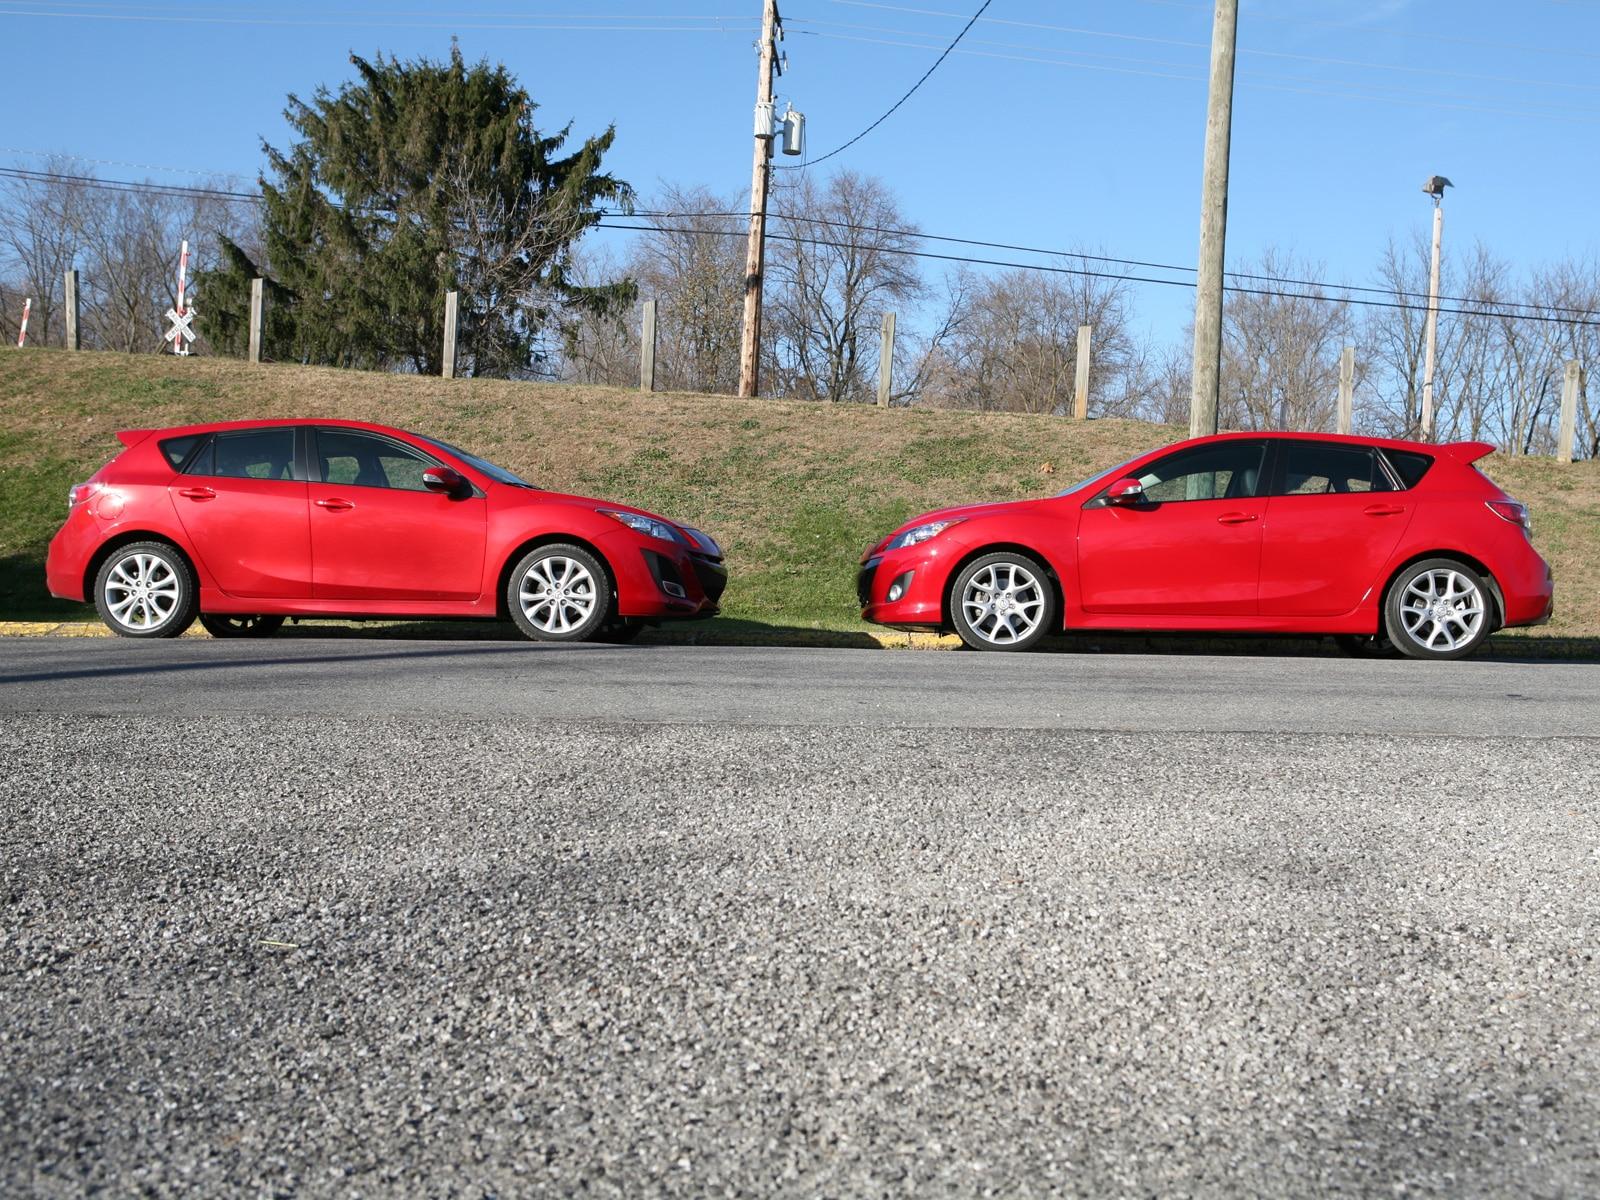 0911 02 Z 2010 Mazda3 VS Mazdaspeed3 Head To Head